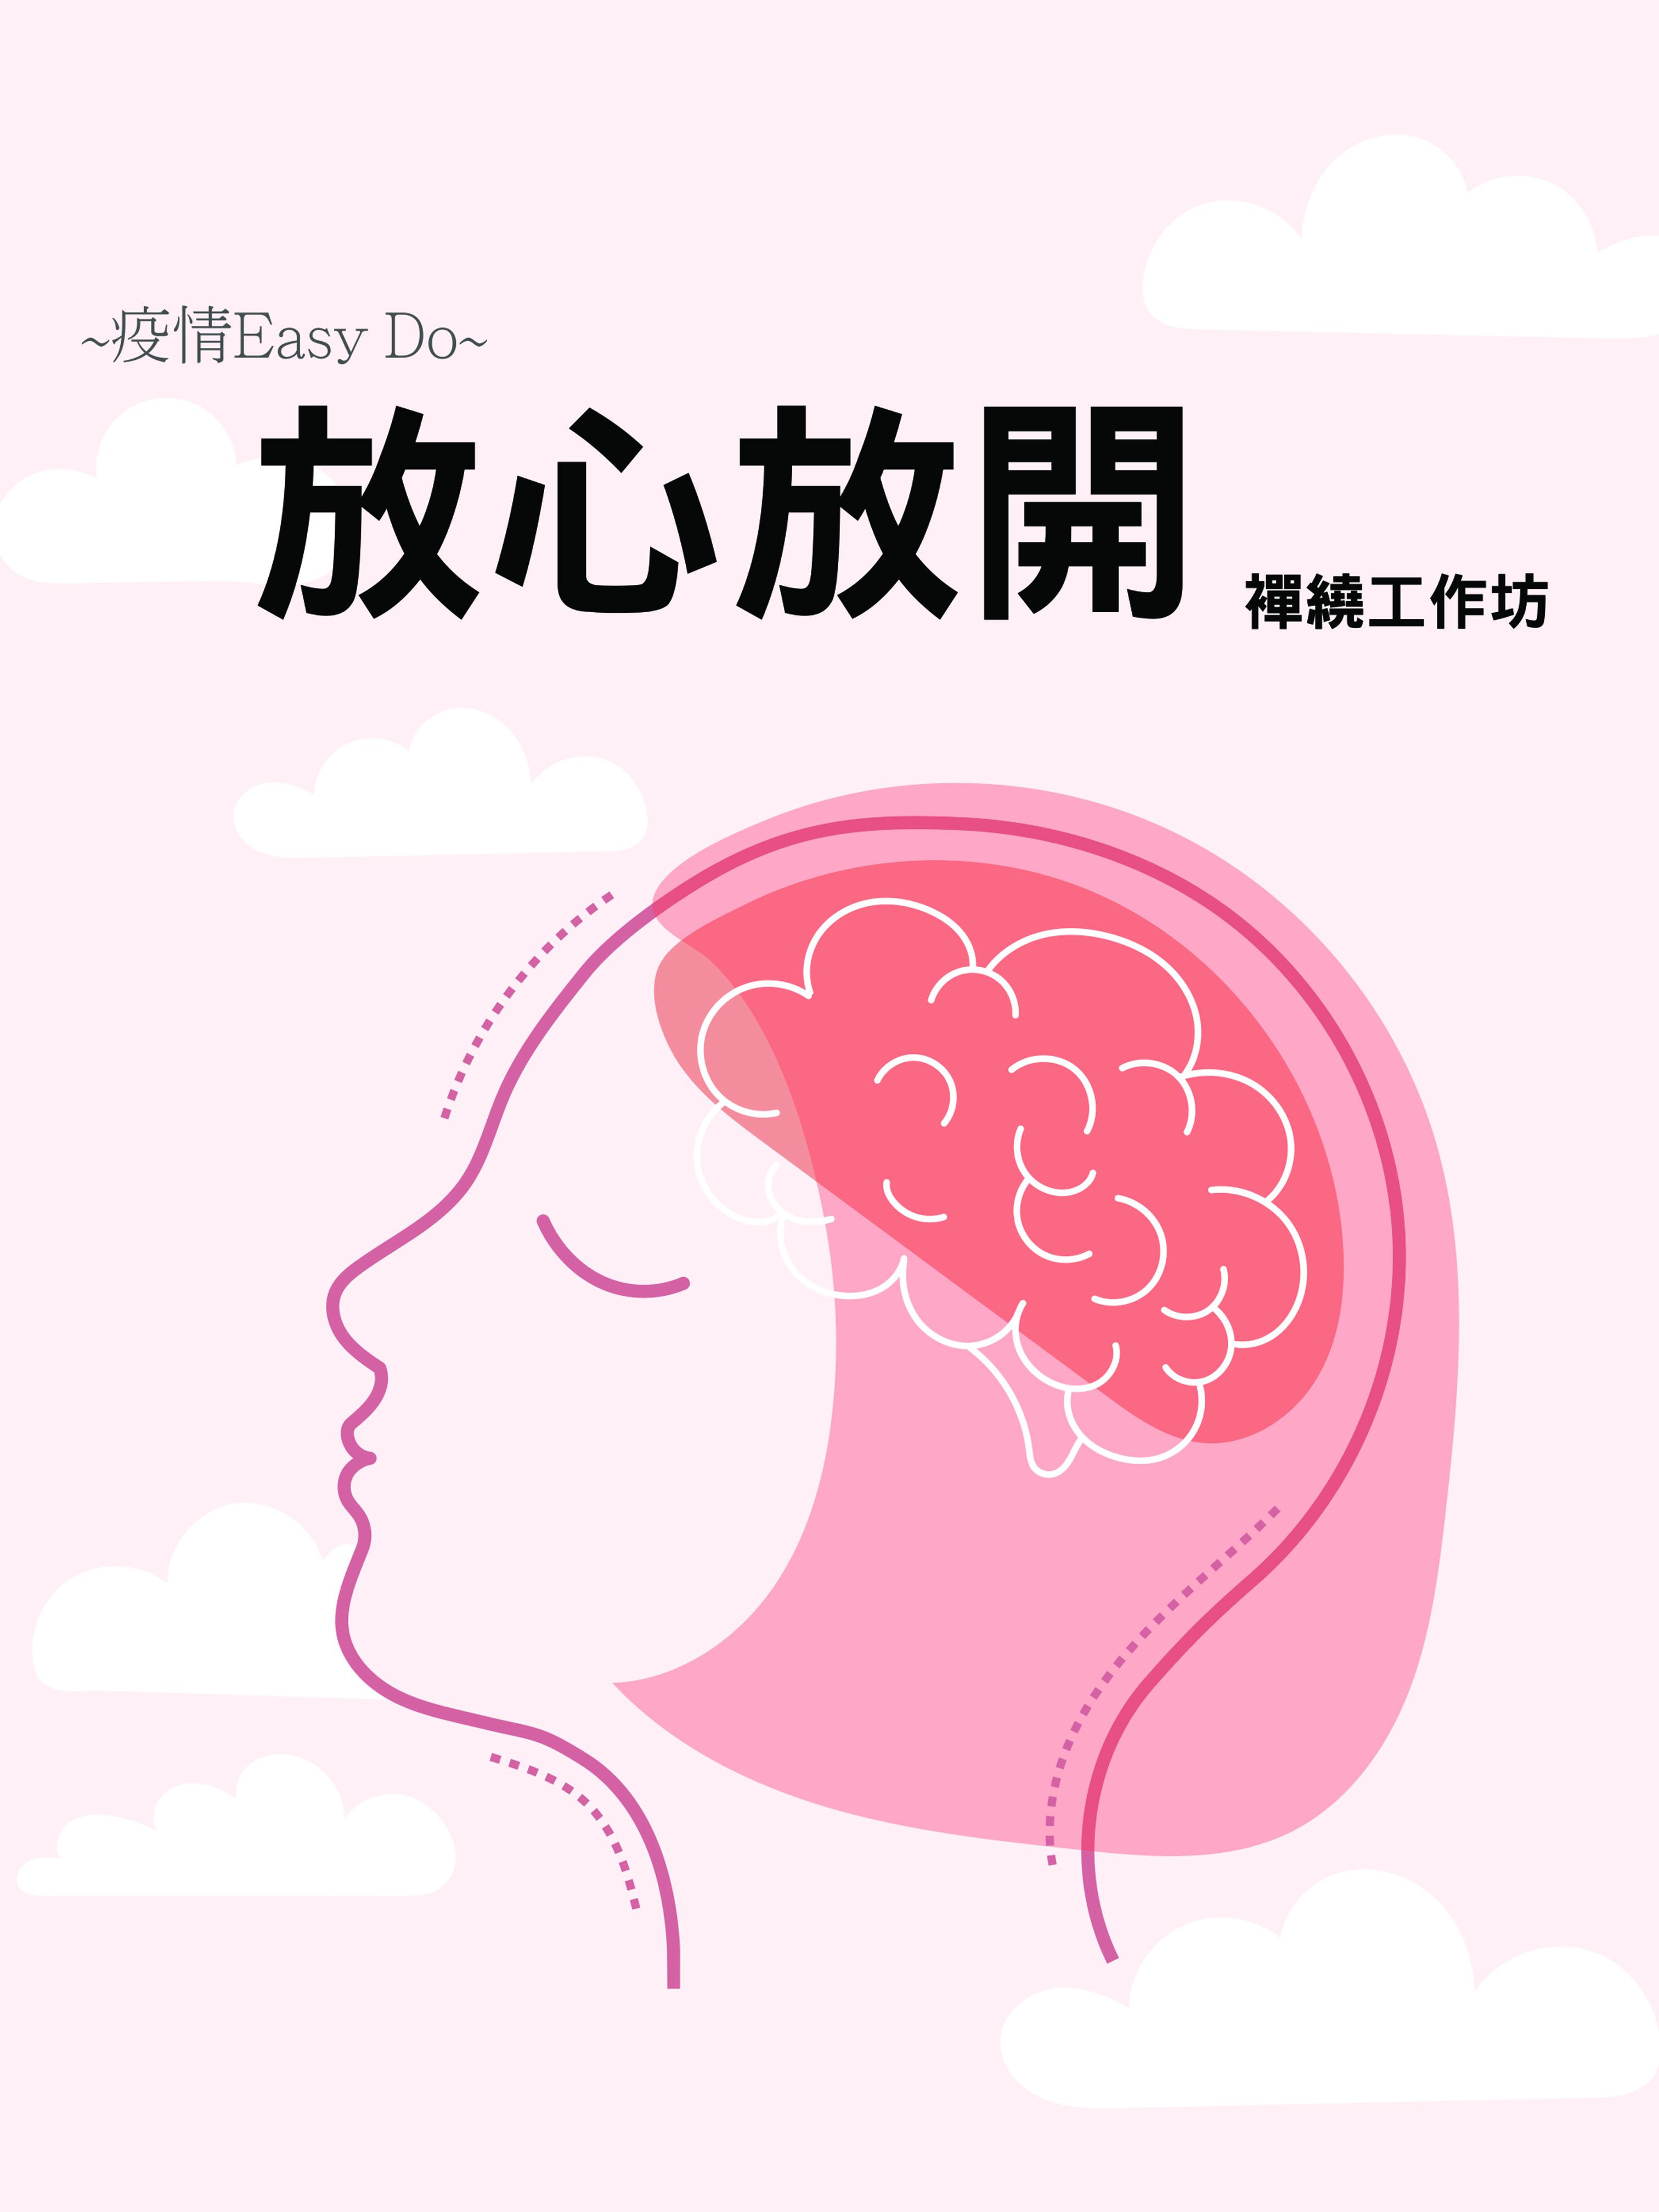 香港婦女中心協會 「放心放開」襌繞工作坊